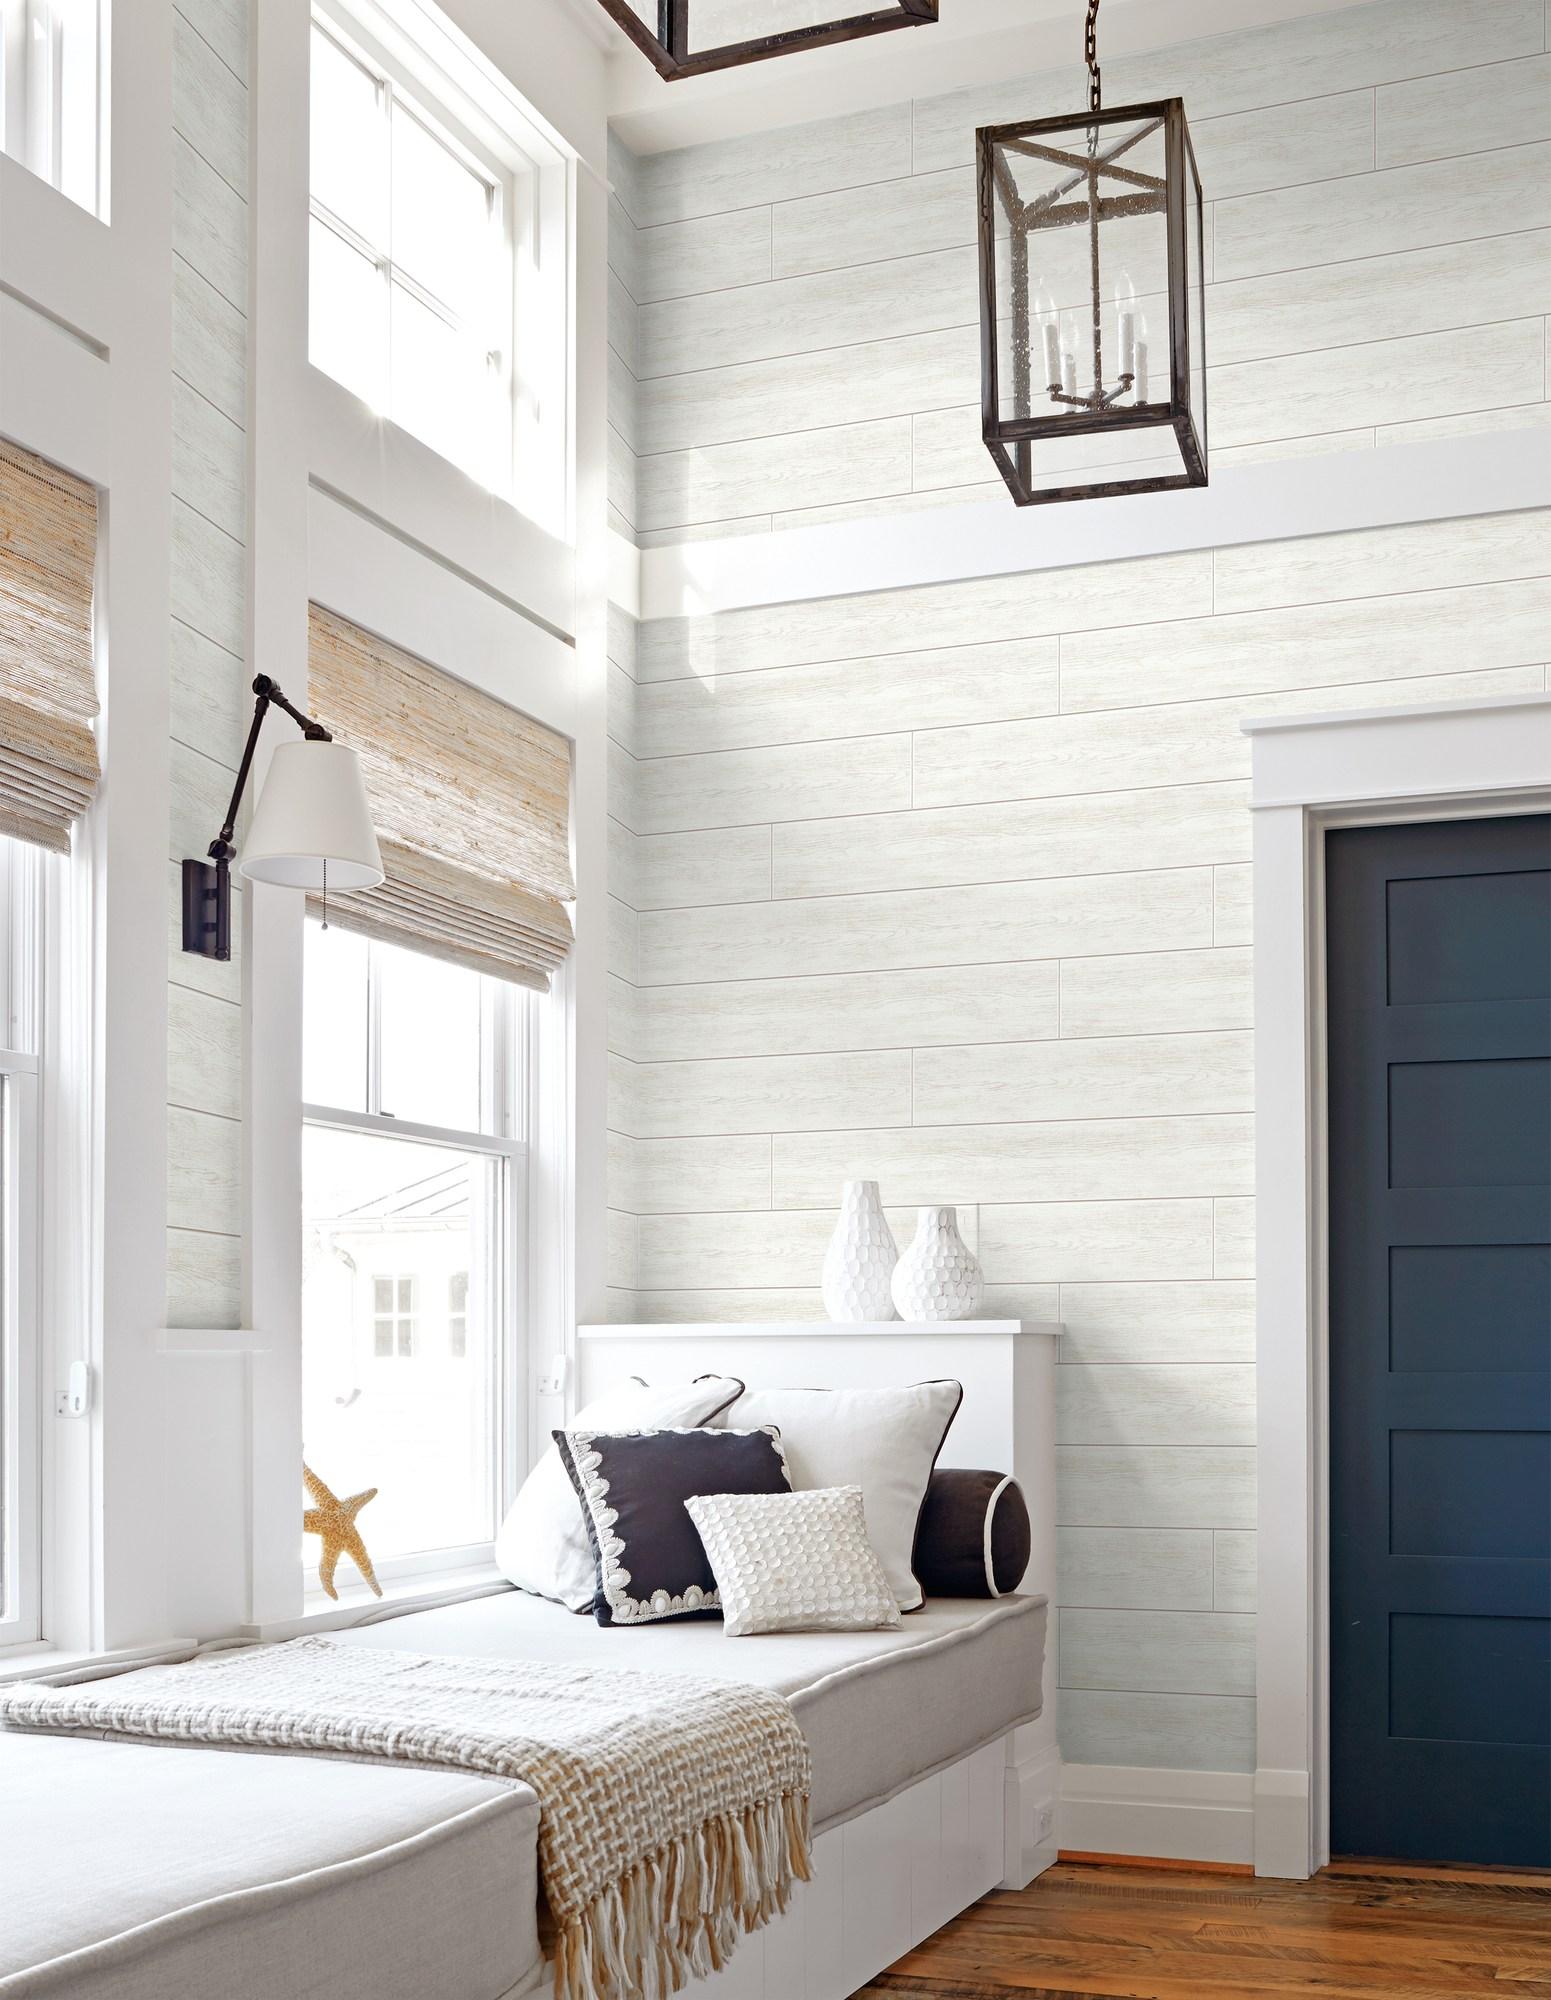 White Shiplap Peel & Stick Wallpaper GW1002   eBay